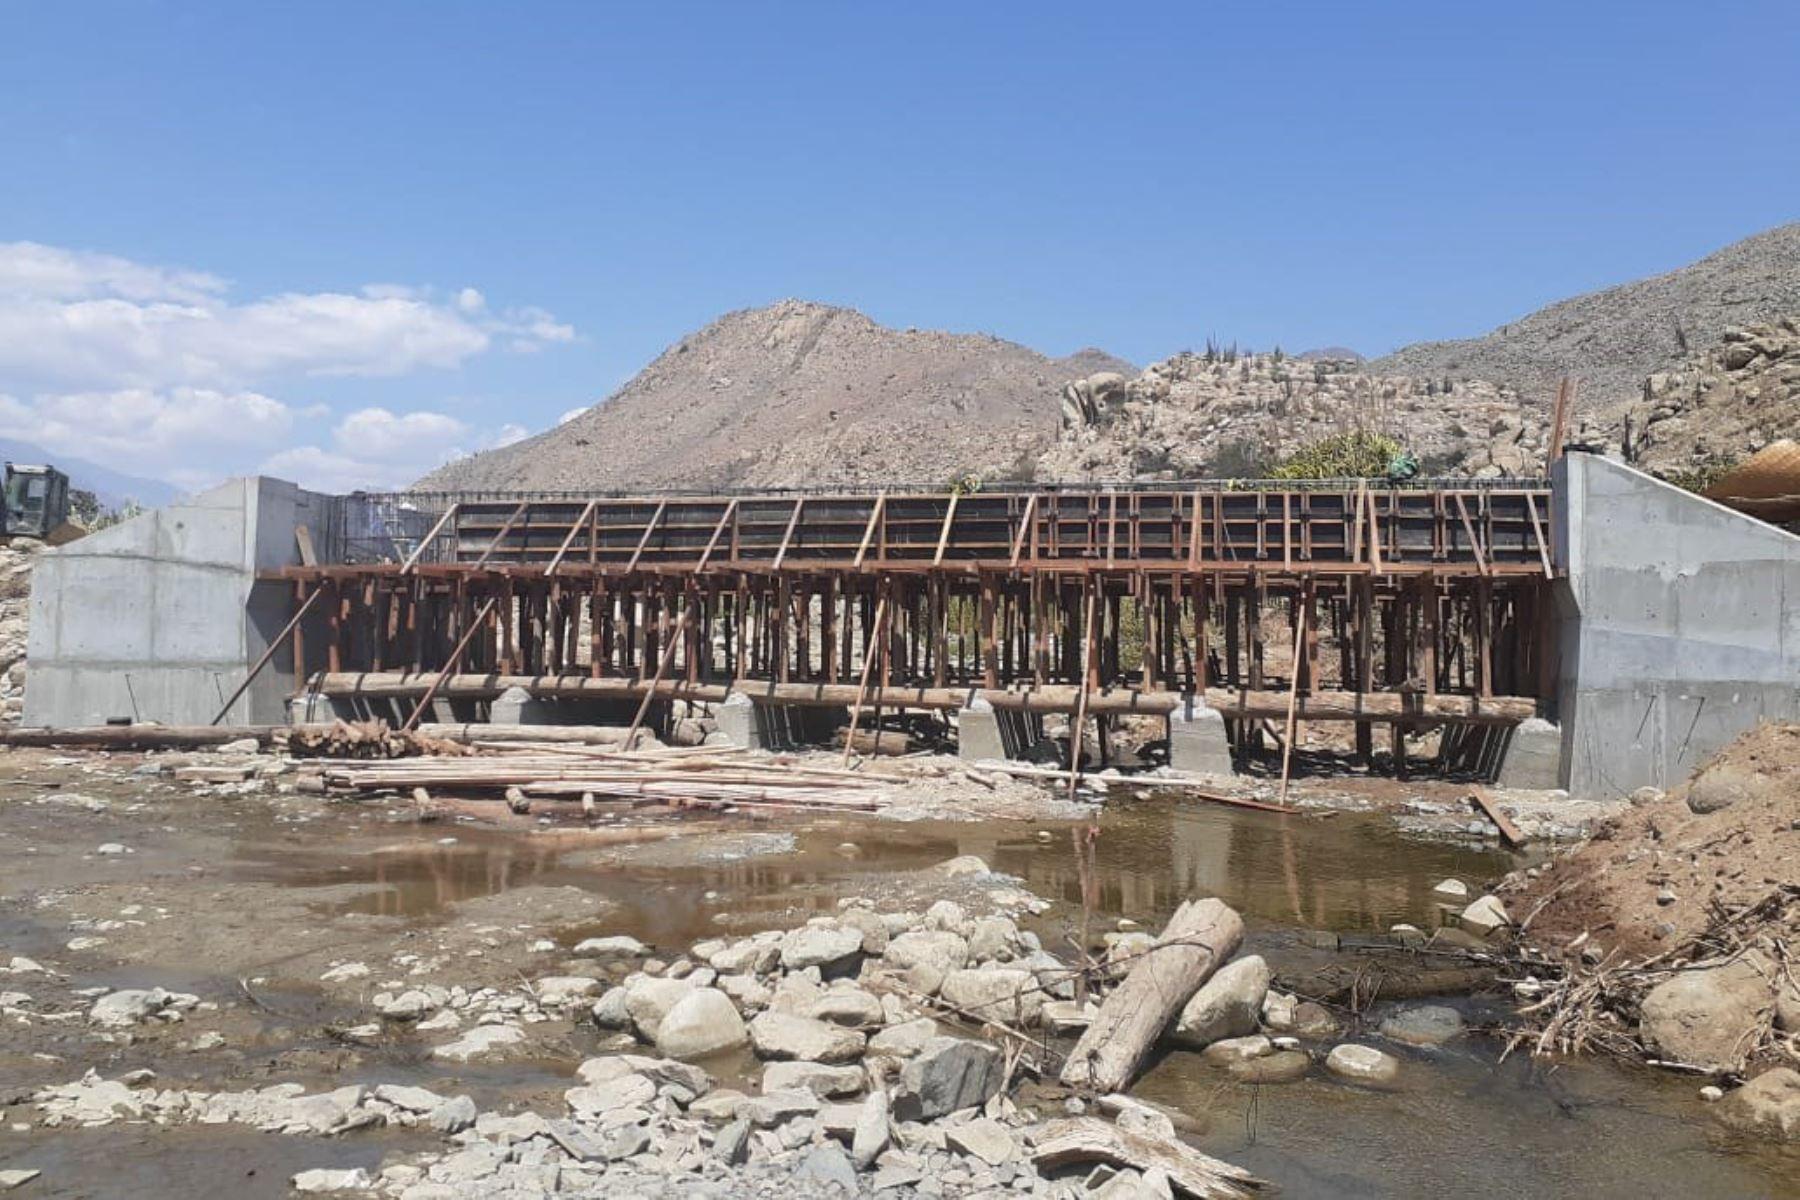 ANDINA/DifusiónLa Autoridad para la Reconstrucción con Cambios anunció que se aceleran las obras de reconstrucción en diversas provincias de Áncash. ANDINA/Difusión